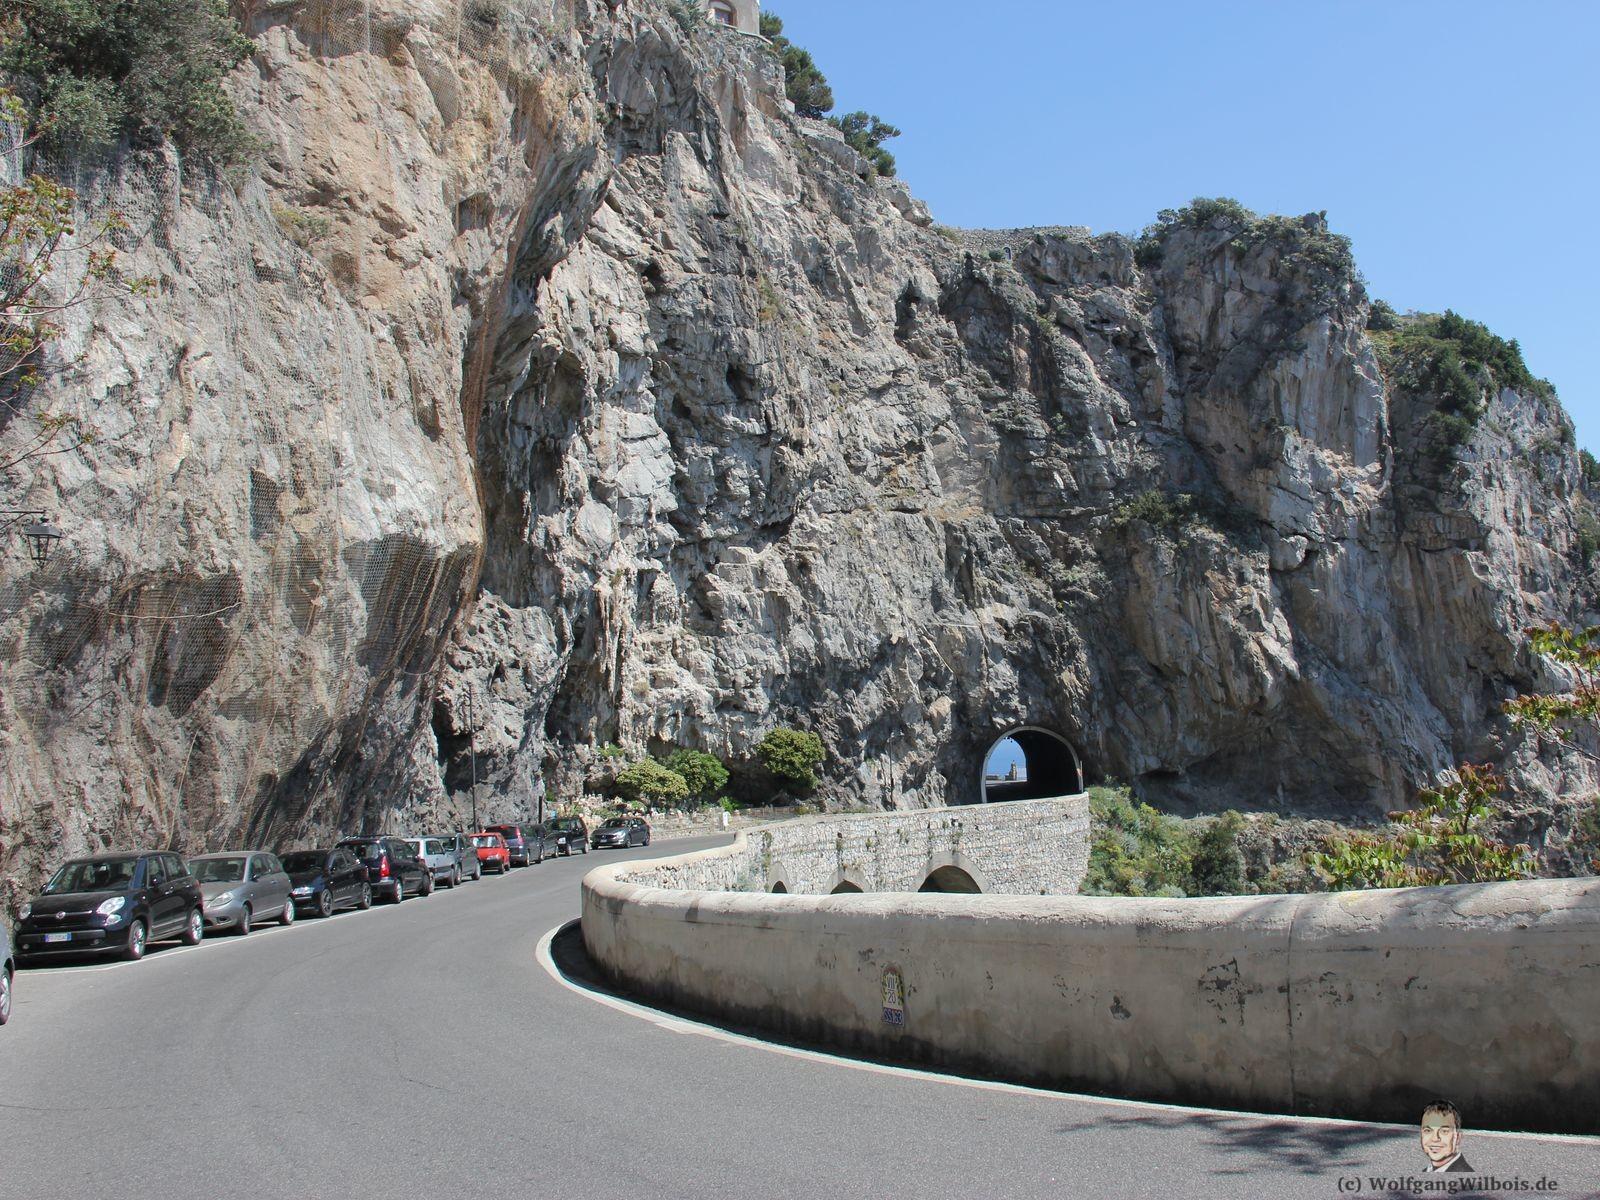 Strada Statale SS 163 Amalfitana